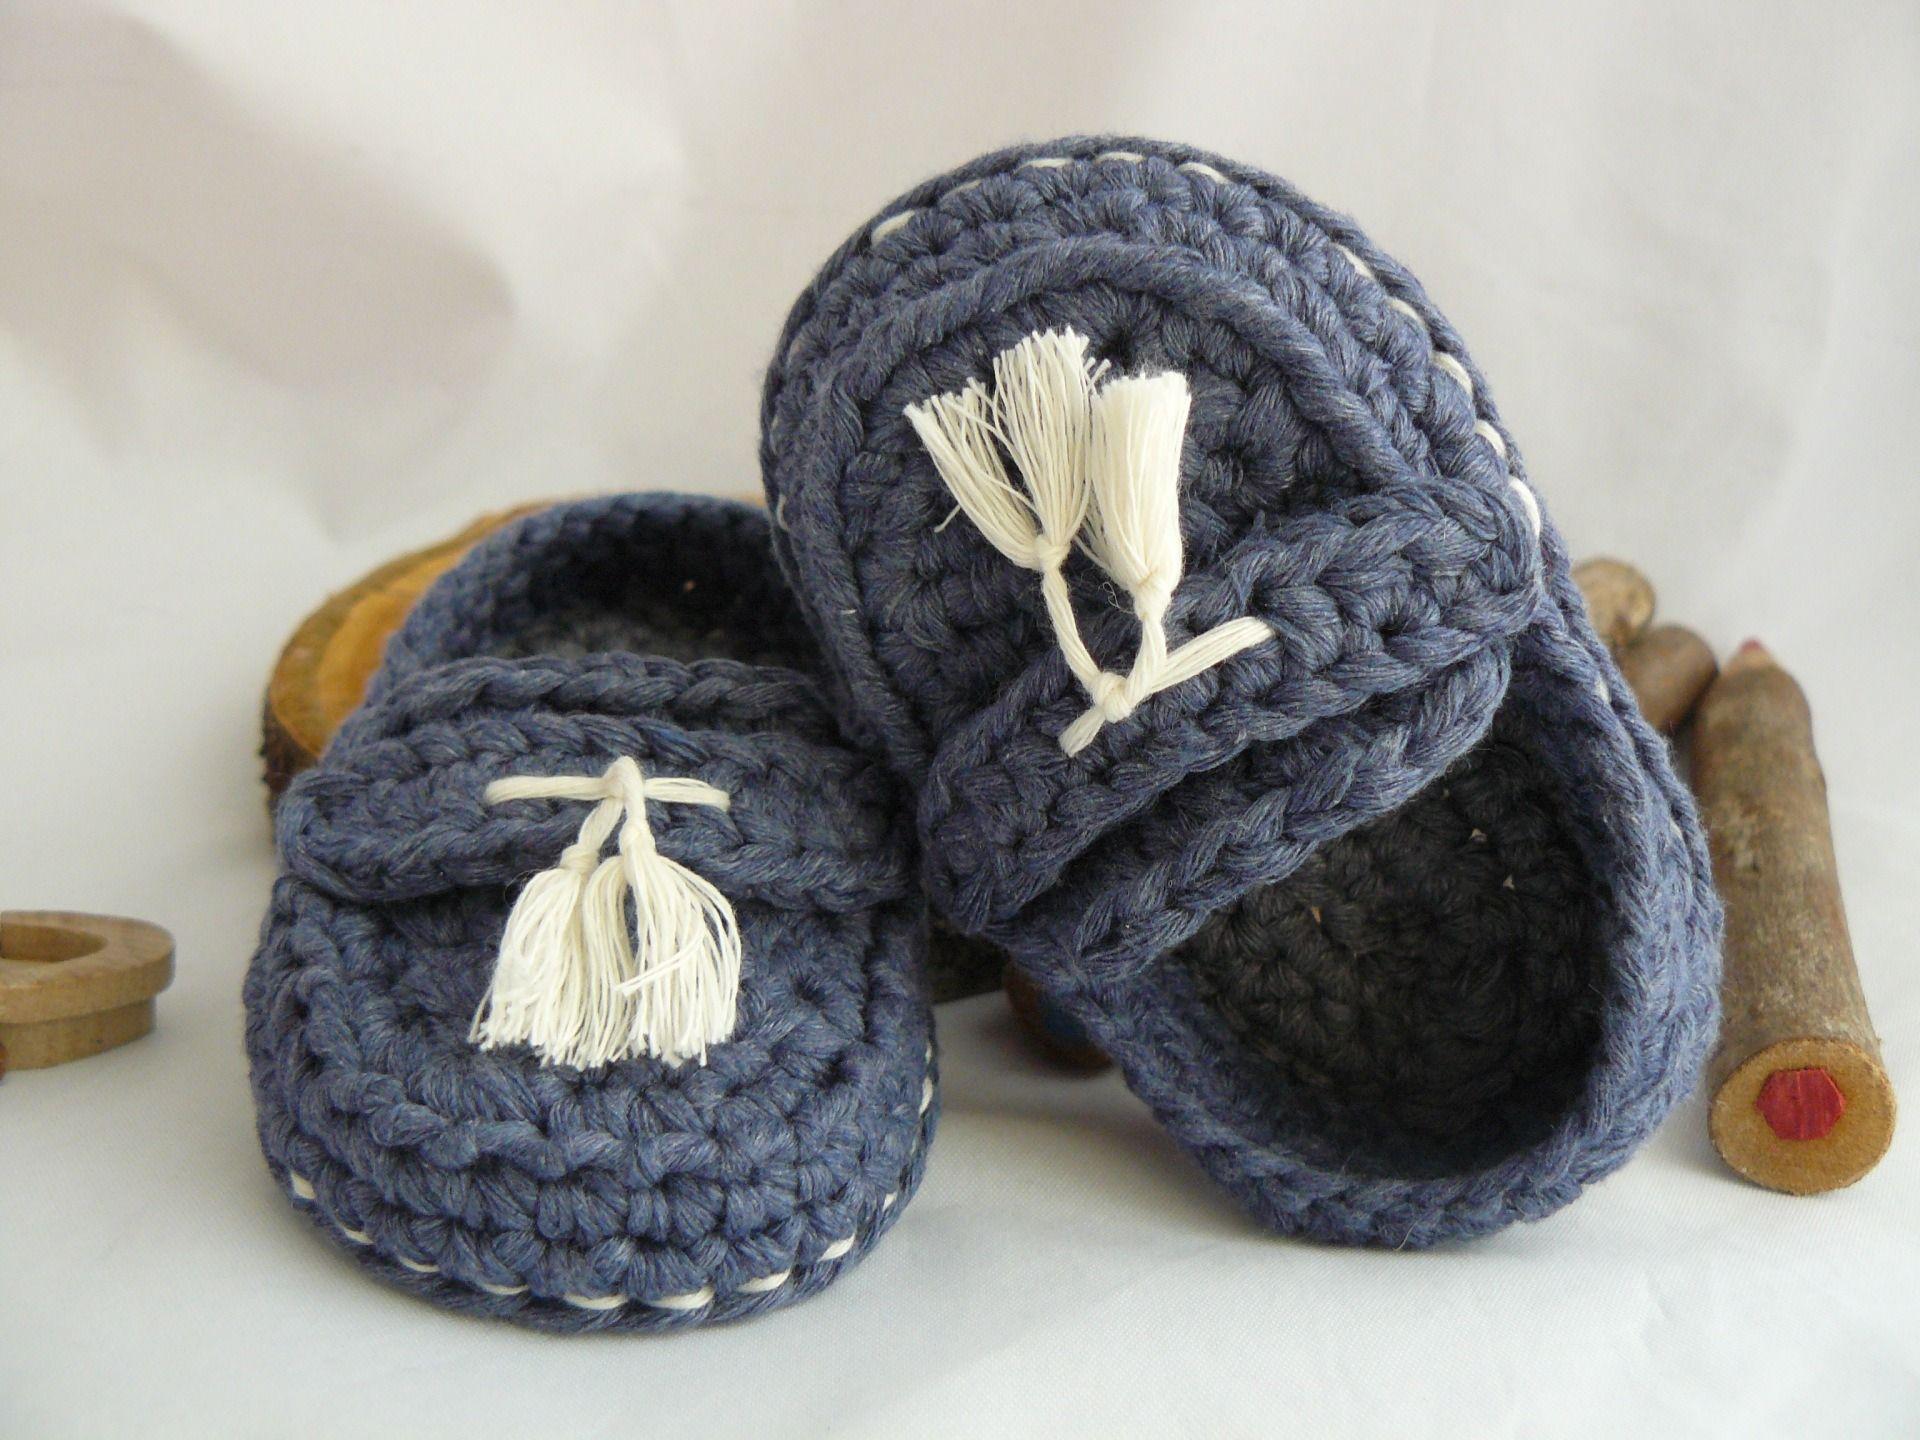 32367abe96264d Mocassini modello Andrea per bambino ad uncinetto colore jeans e grigio :  Moda bebè di bicolino